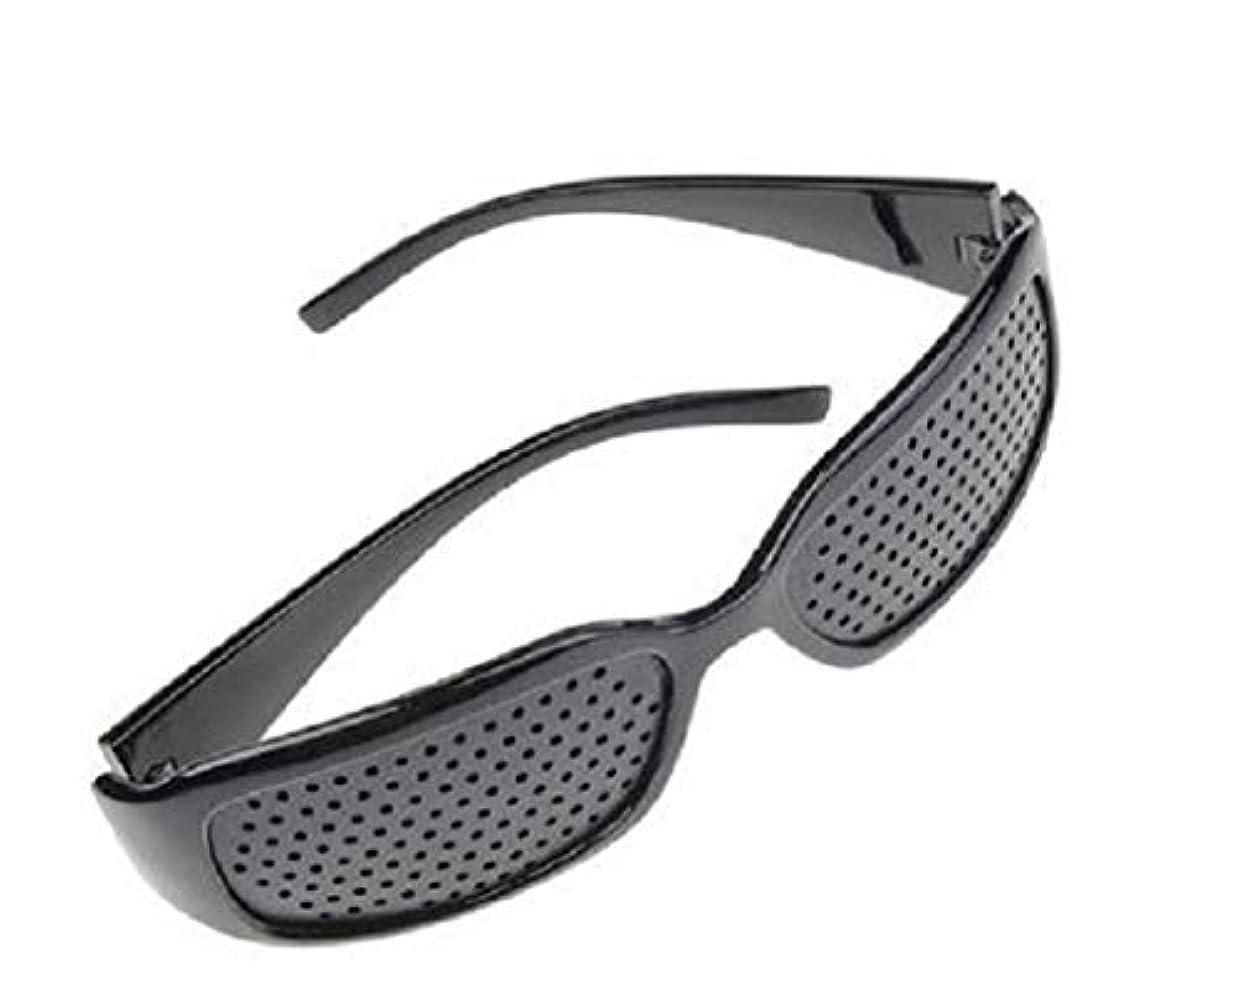 形貫通落ち着くユニセックス視力ビジョンケアビジョンピンホールメガネアイズエクササイズファッションナチュラル (Color : 黒)